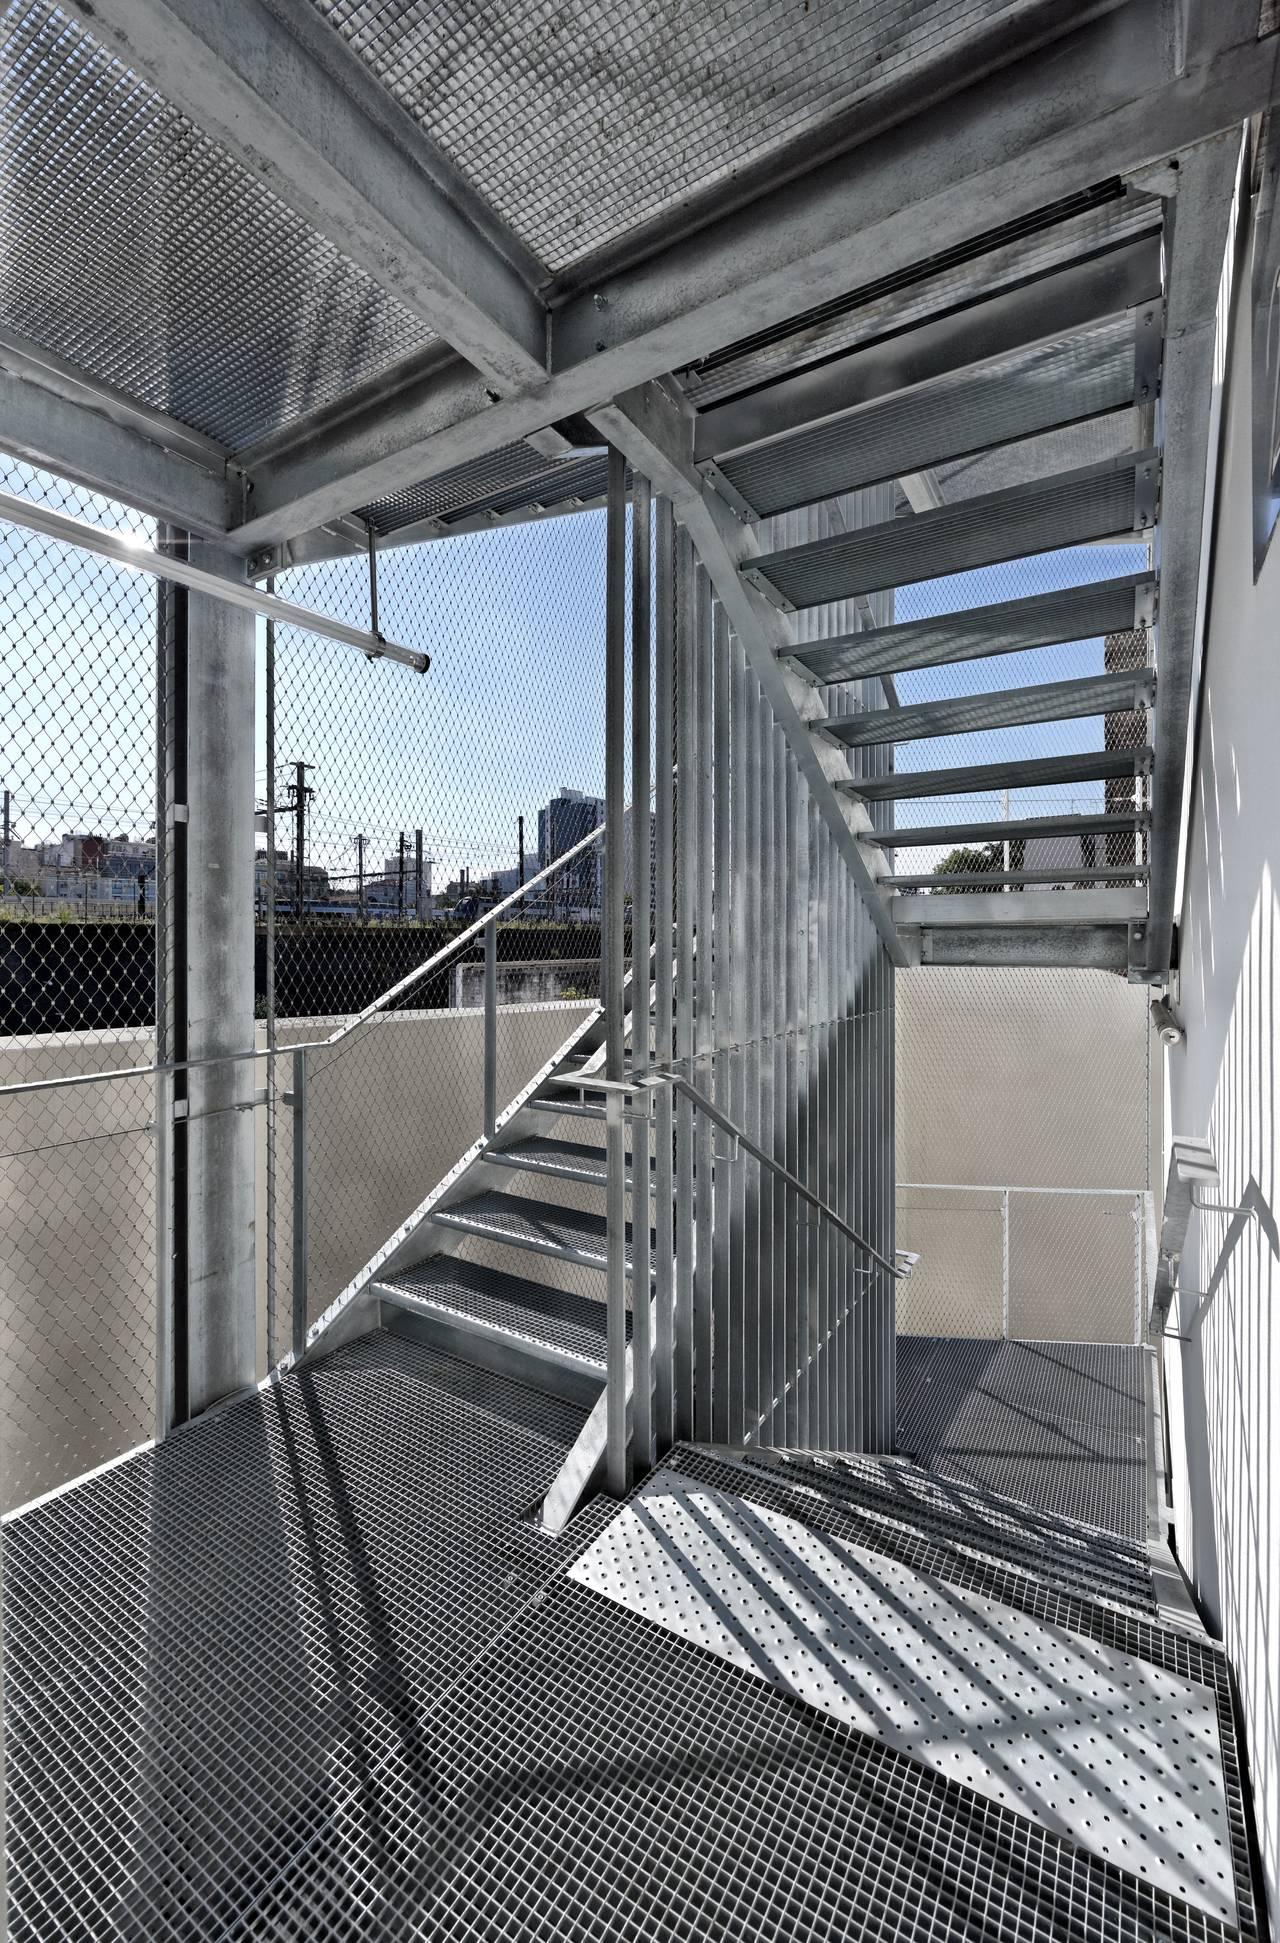 Escaleras del Desarrollo de 10 Viviendas en Castagnary diseñado por DFA : Photo © David Boureau